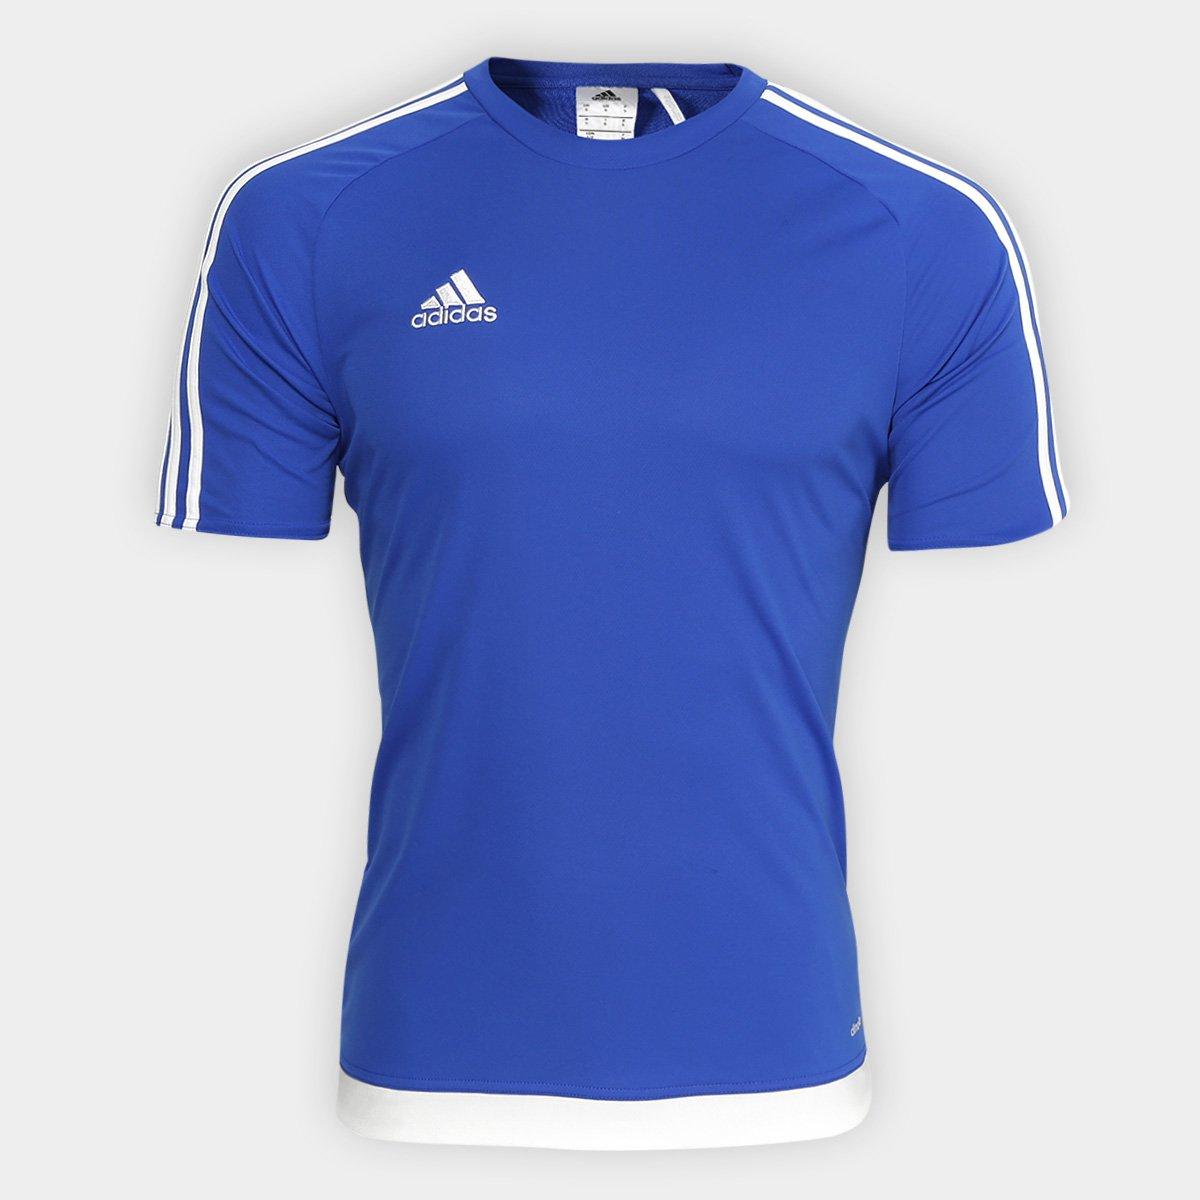 a740f3a8d6dd7 Camisa Adidas Estro 15 Masculina - Azul - Compre Agora